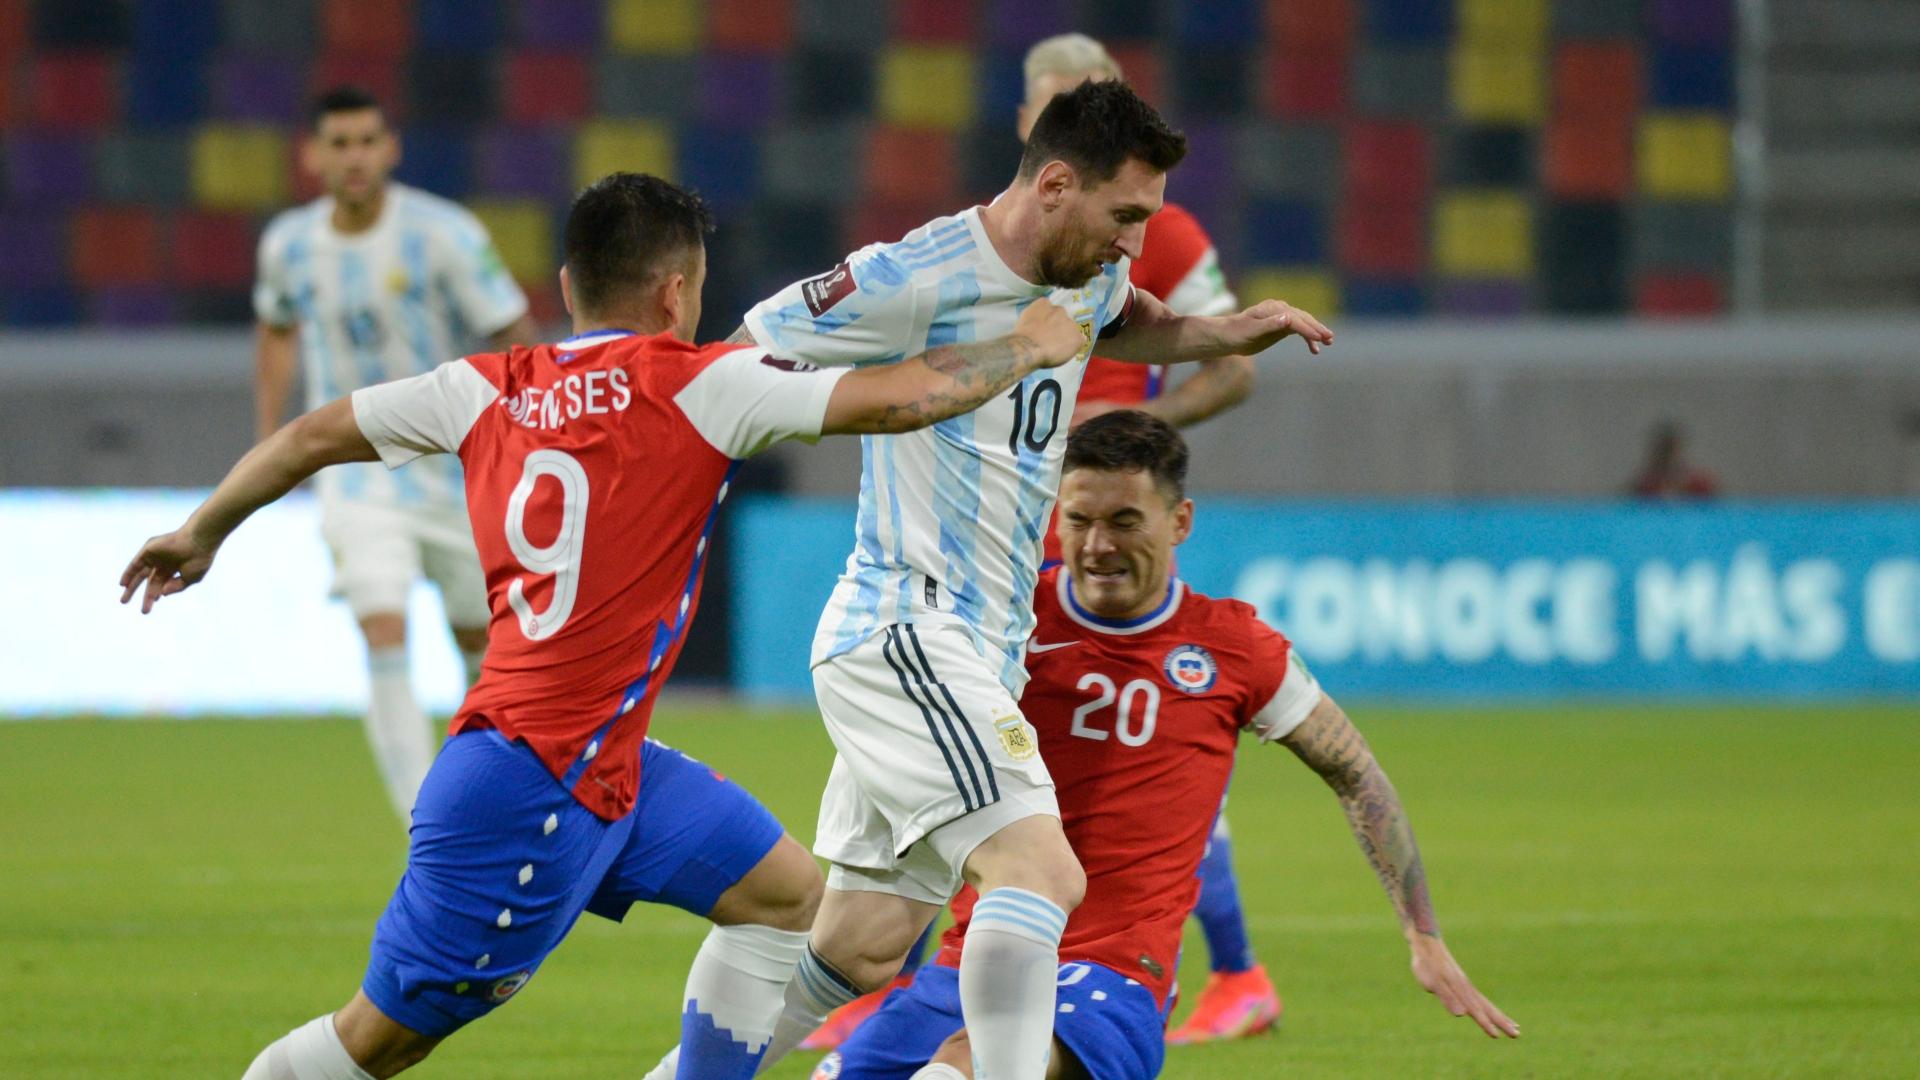 अर्जेन्टिना र चिलीको खेल बराबरीमा सकियो